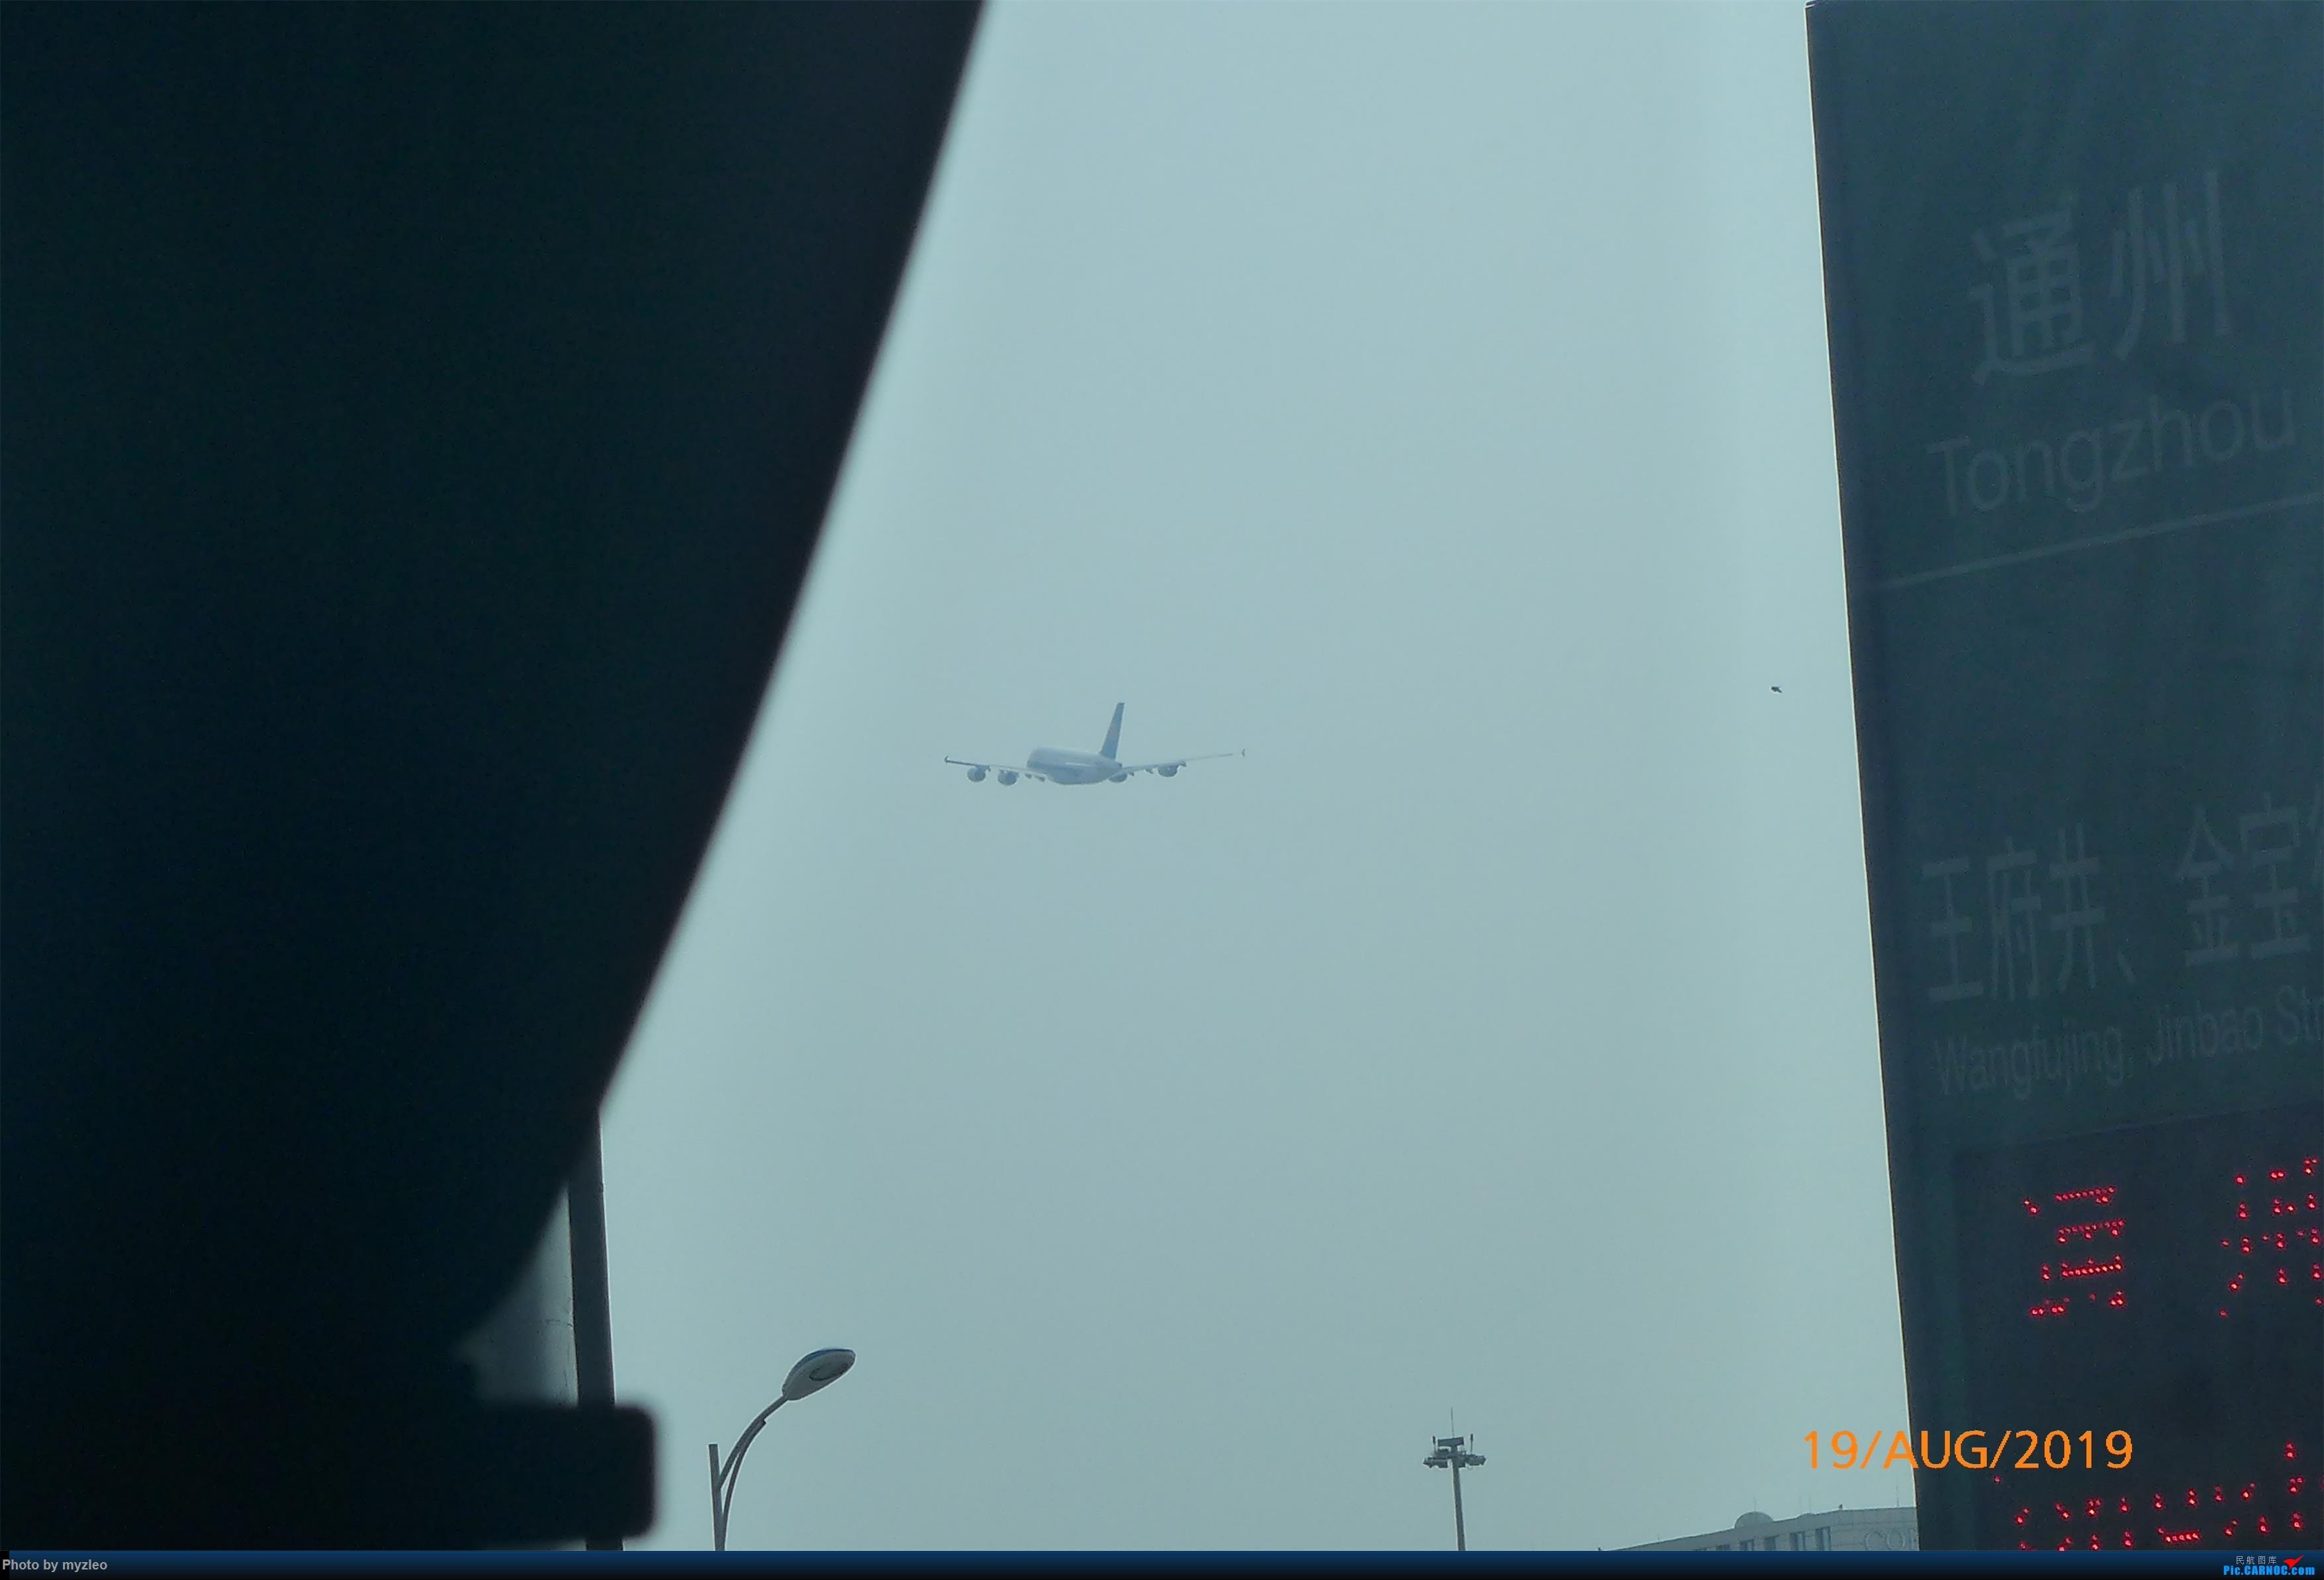 Re:[原创]【myzleo的游记5.1】梦圆一九(1)首搭国航359,北京城里到处走 AIRBUS A380 B-6137 中国北京首都国际机场